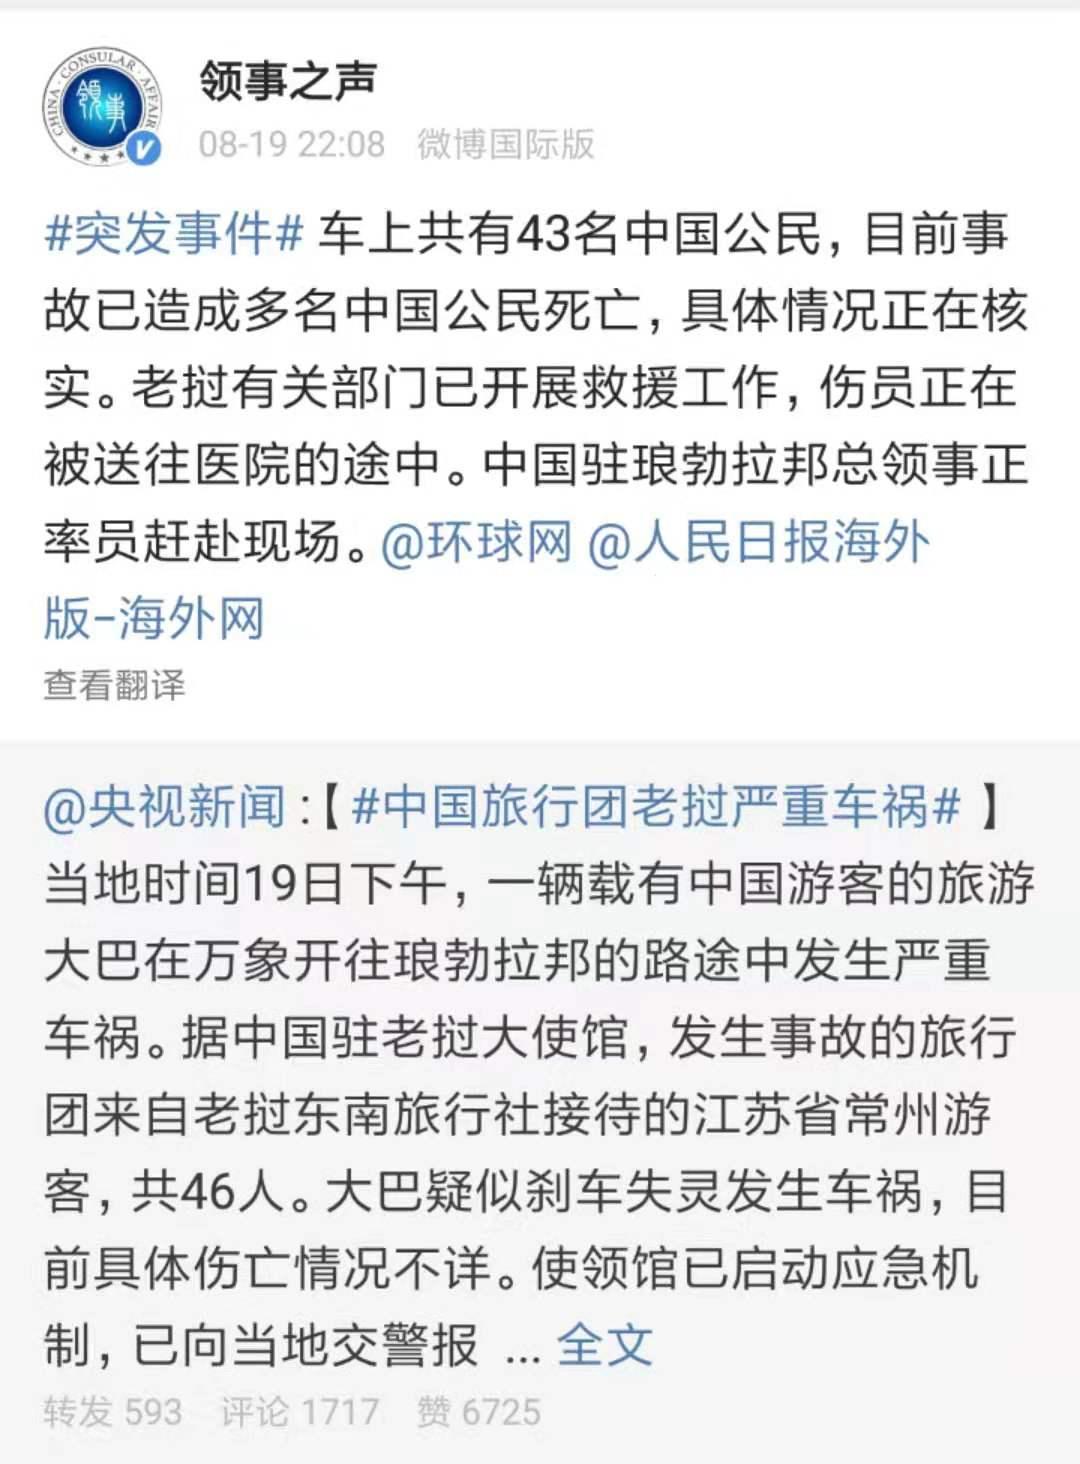 老挝车祸大巴载有43名中国公民 总领事赶赴现场|车祸|老挝